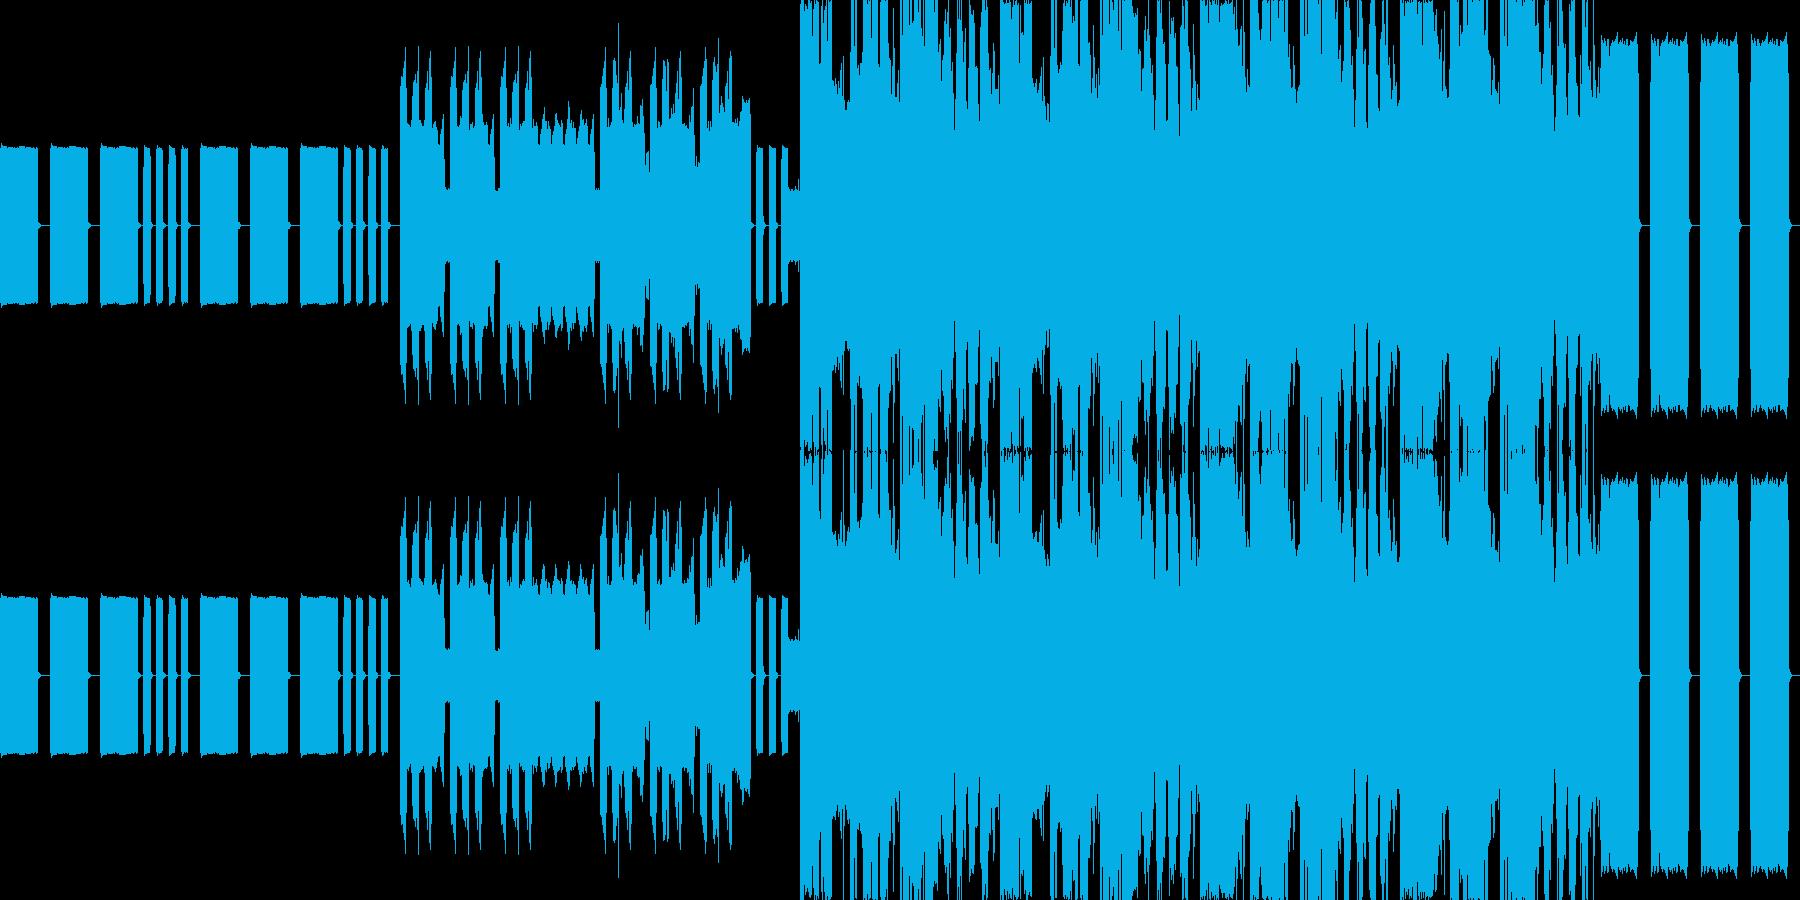 ピコピコしたゲームサウンドの再生済みの波形